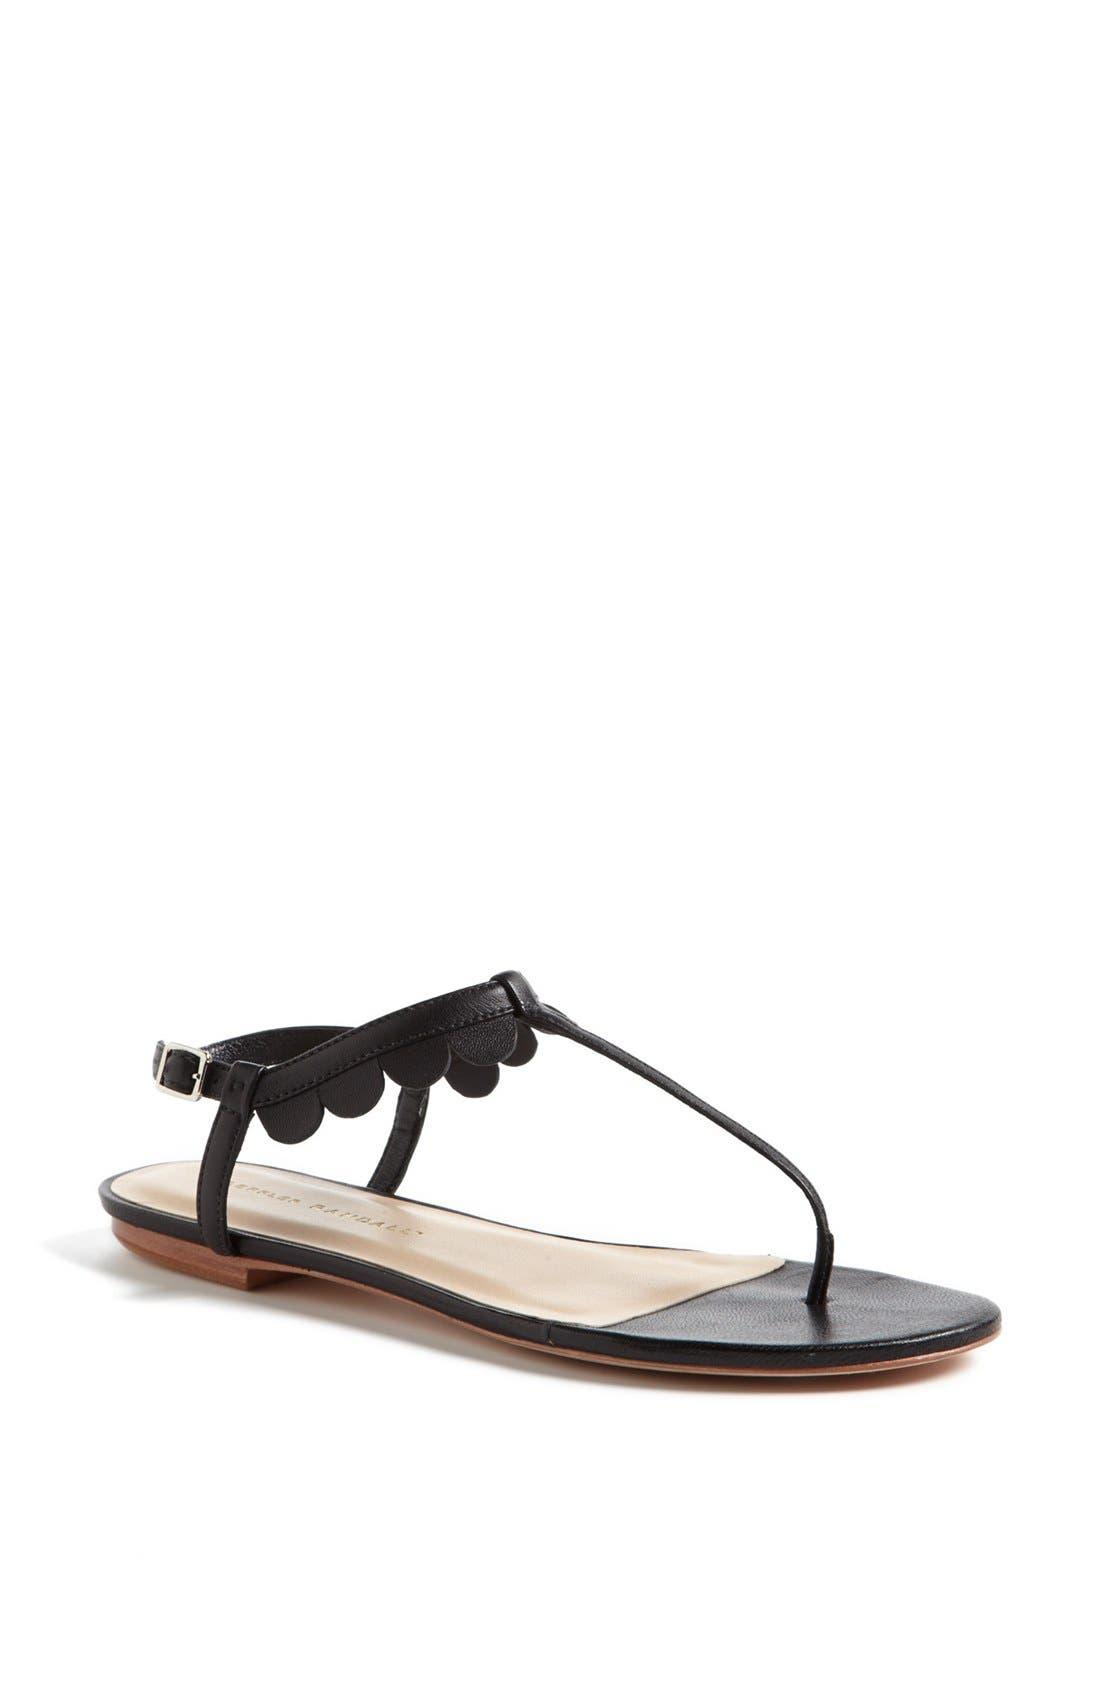 Alternate Image 1 Selected - Loeffler Randall 'Jude' Scalloped Sandal (Online Only)